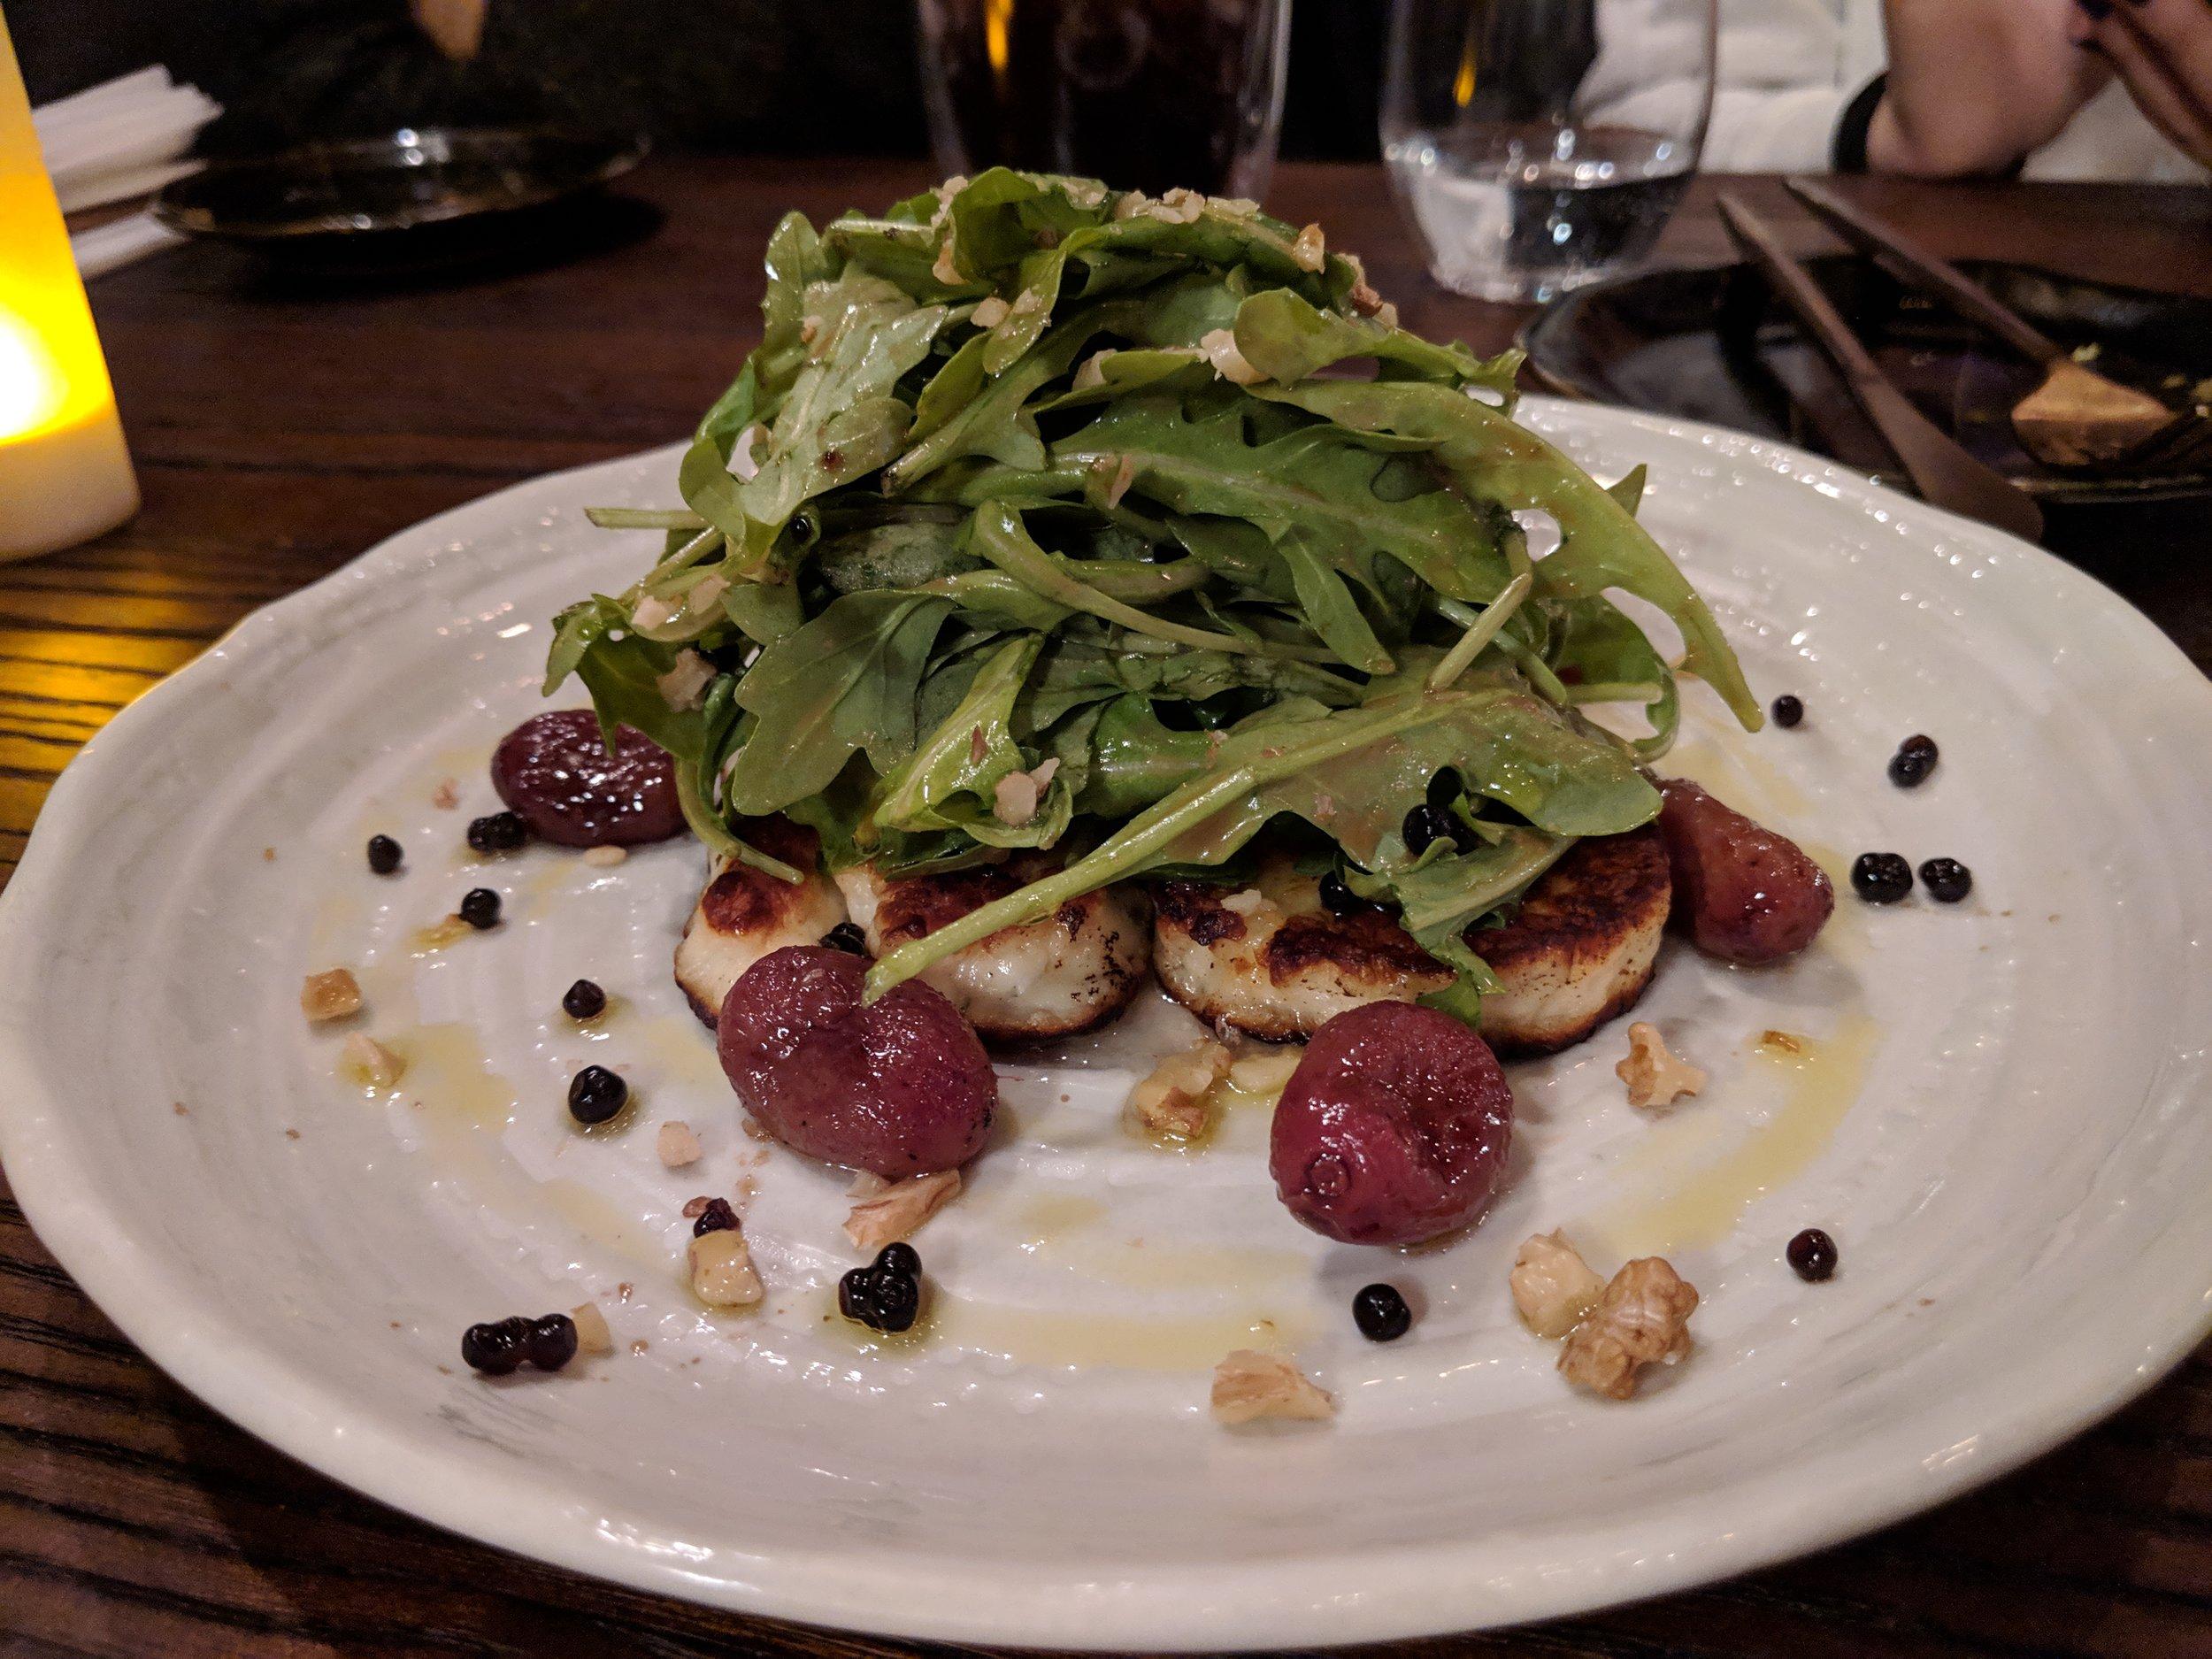 Arugula Halloumi Salad with Roasted Grapes